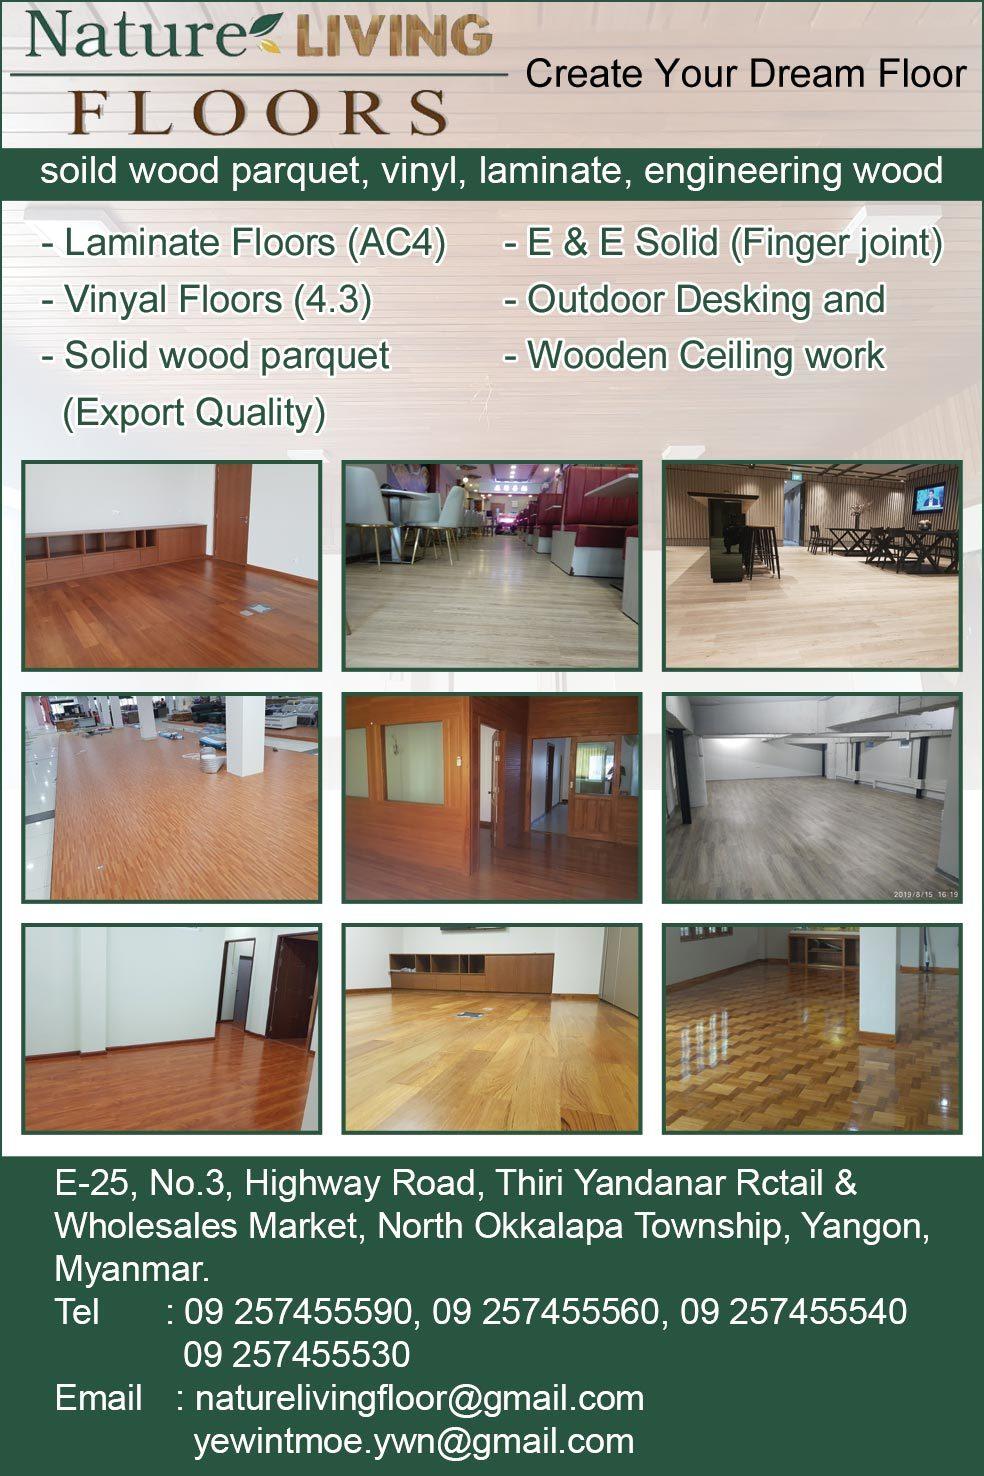 Nature-Living-Floors-Co-Ltd_Building-Materials_(A)_3950 (1).jpg